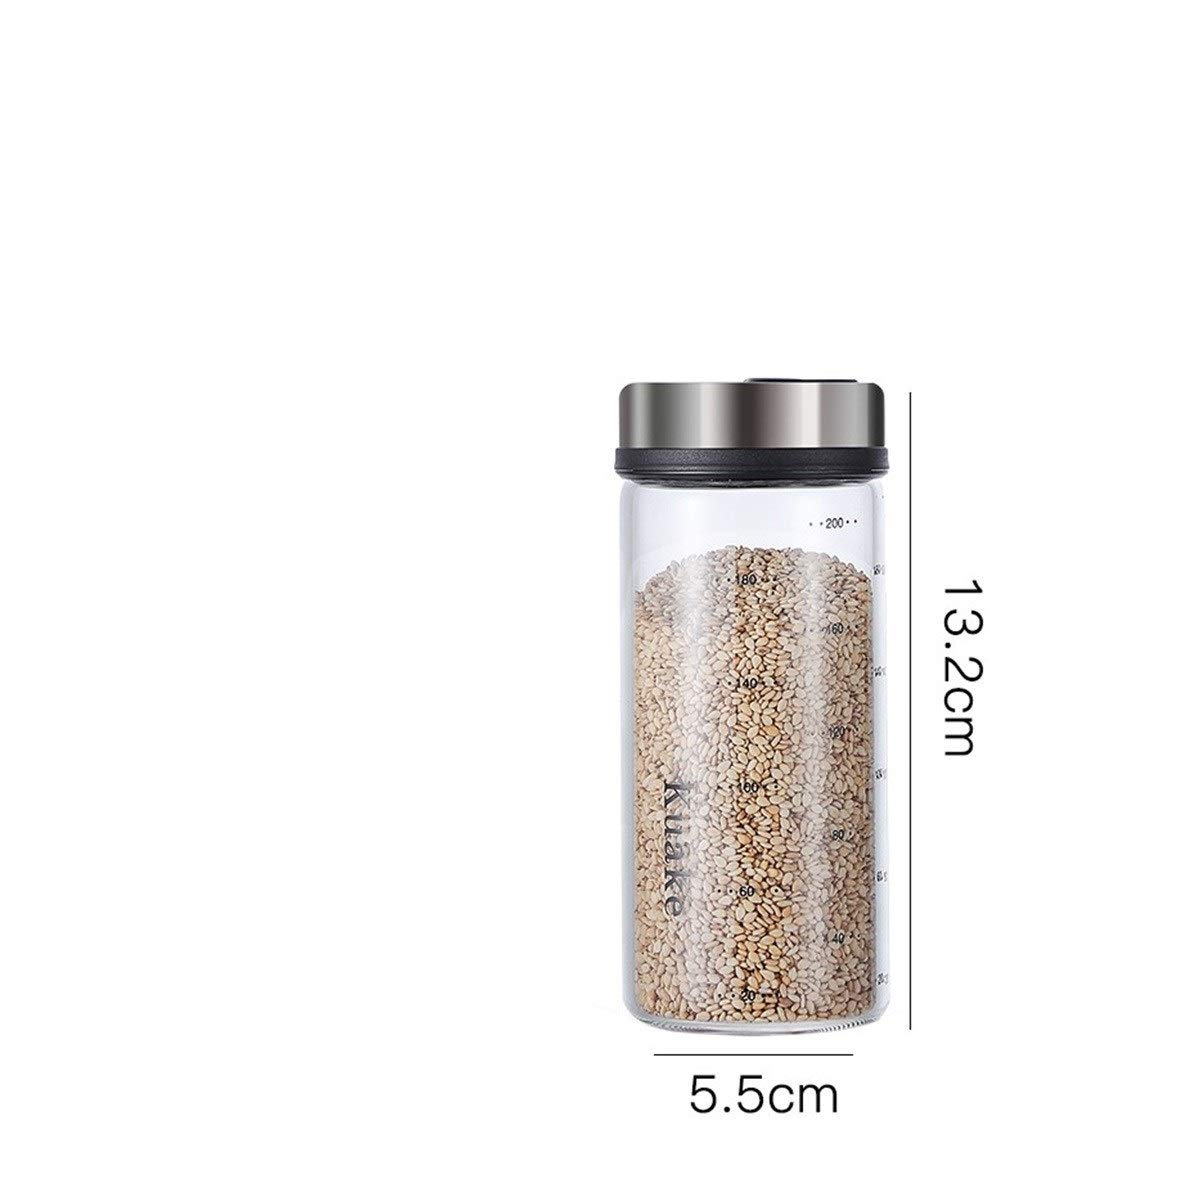 caja de condimentos de cristal olla frasco de condimentos para el hogar JIAHUI Molinillo a prueba de humedad para salero de cocina molinillo de miel 200 ml